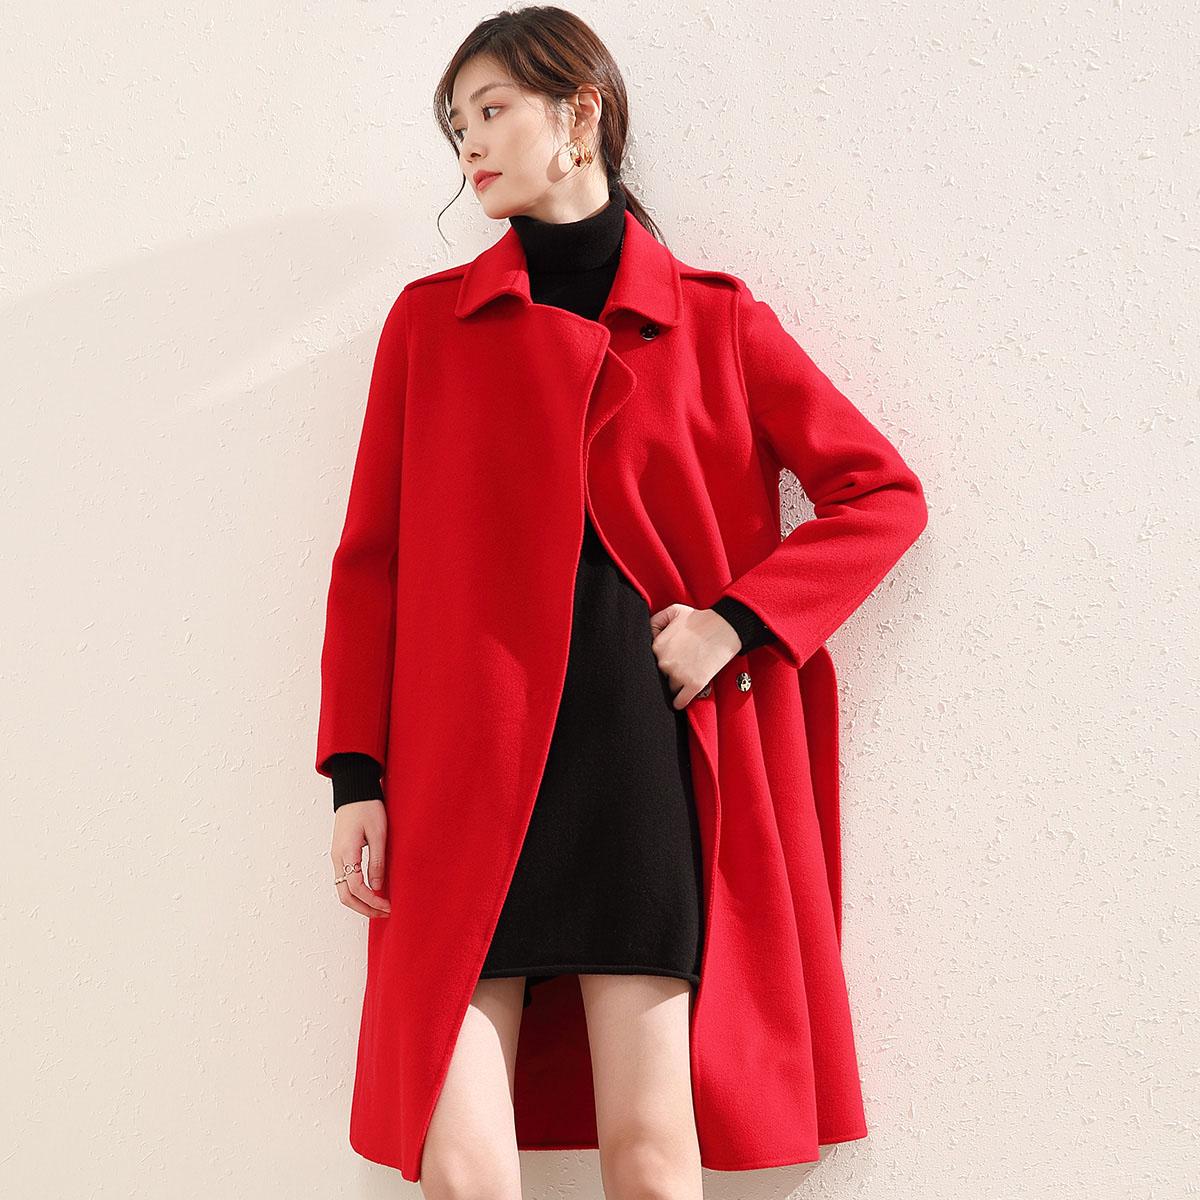 Firs/杉杉秋冬女士羊毛大衣双面料毛呢外套高品质中长款